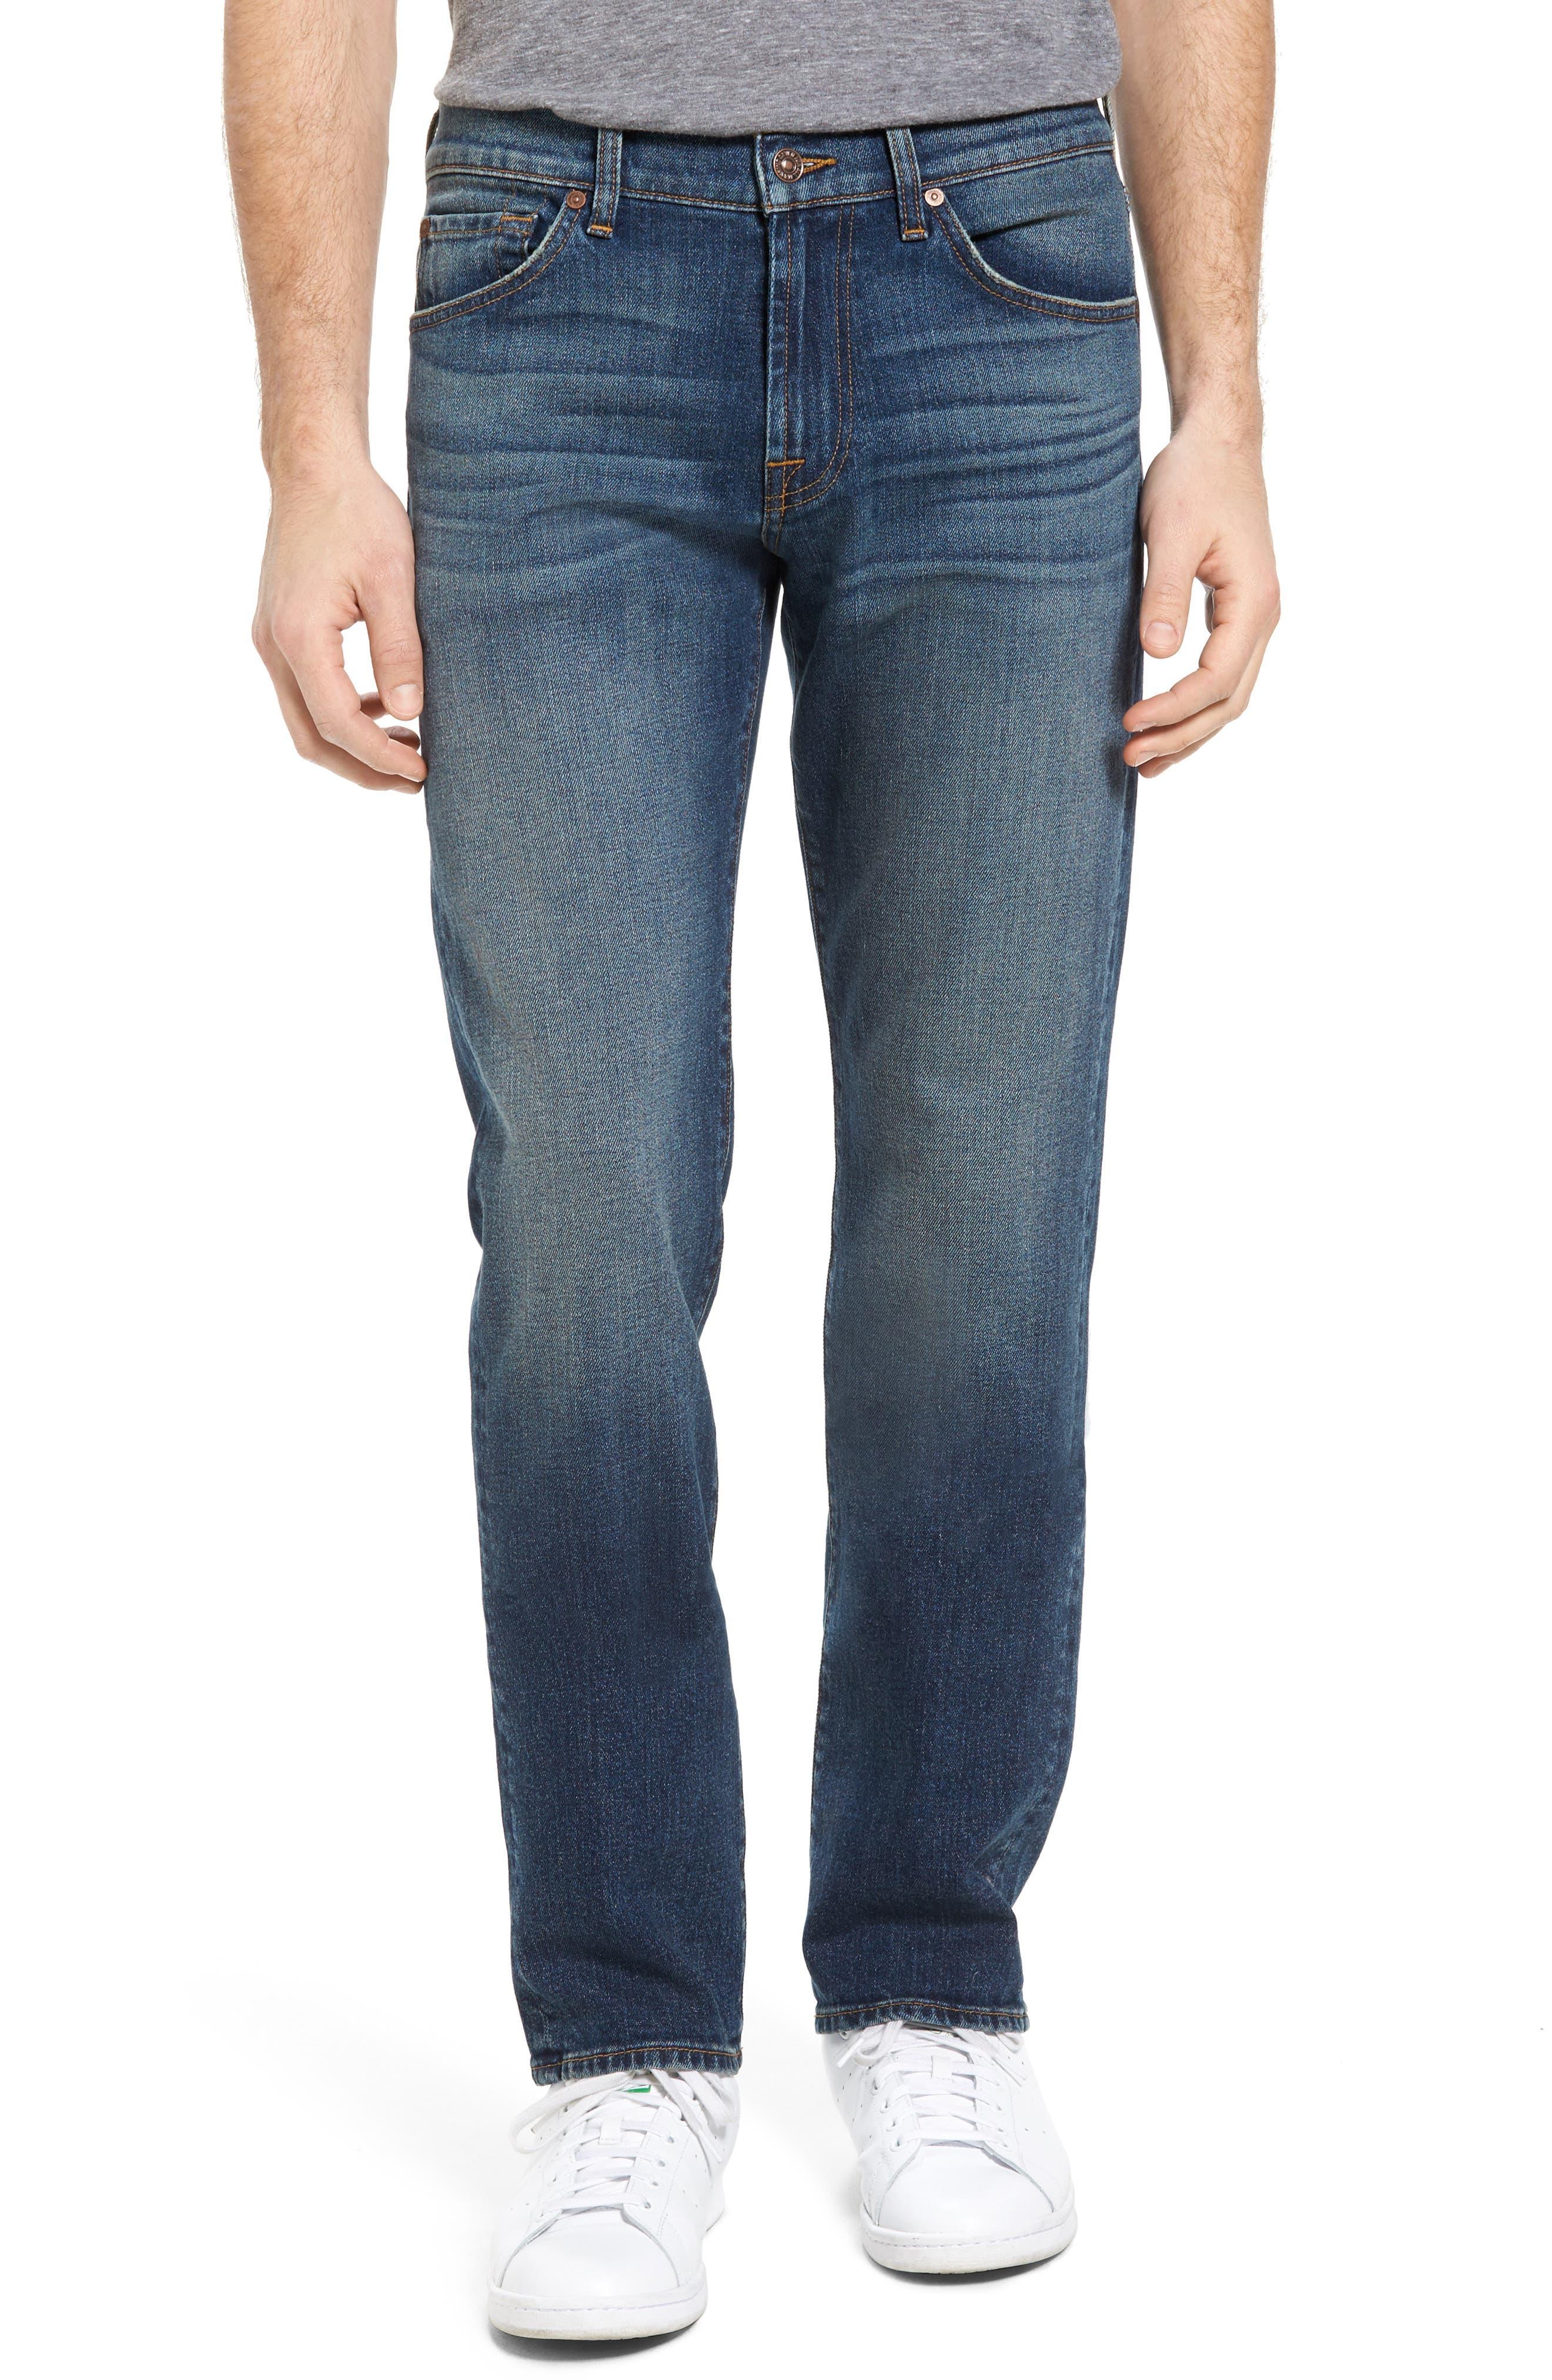 Alternate Image 1 Selected - 7 For All Mankind® Slimmy Slim Fit Jeans (Carolina Tide)